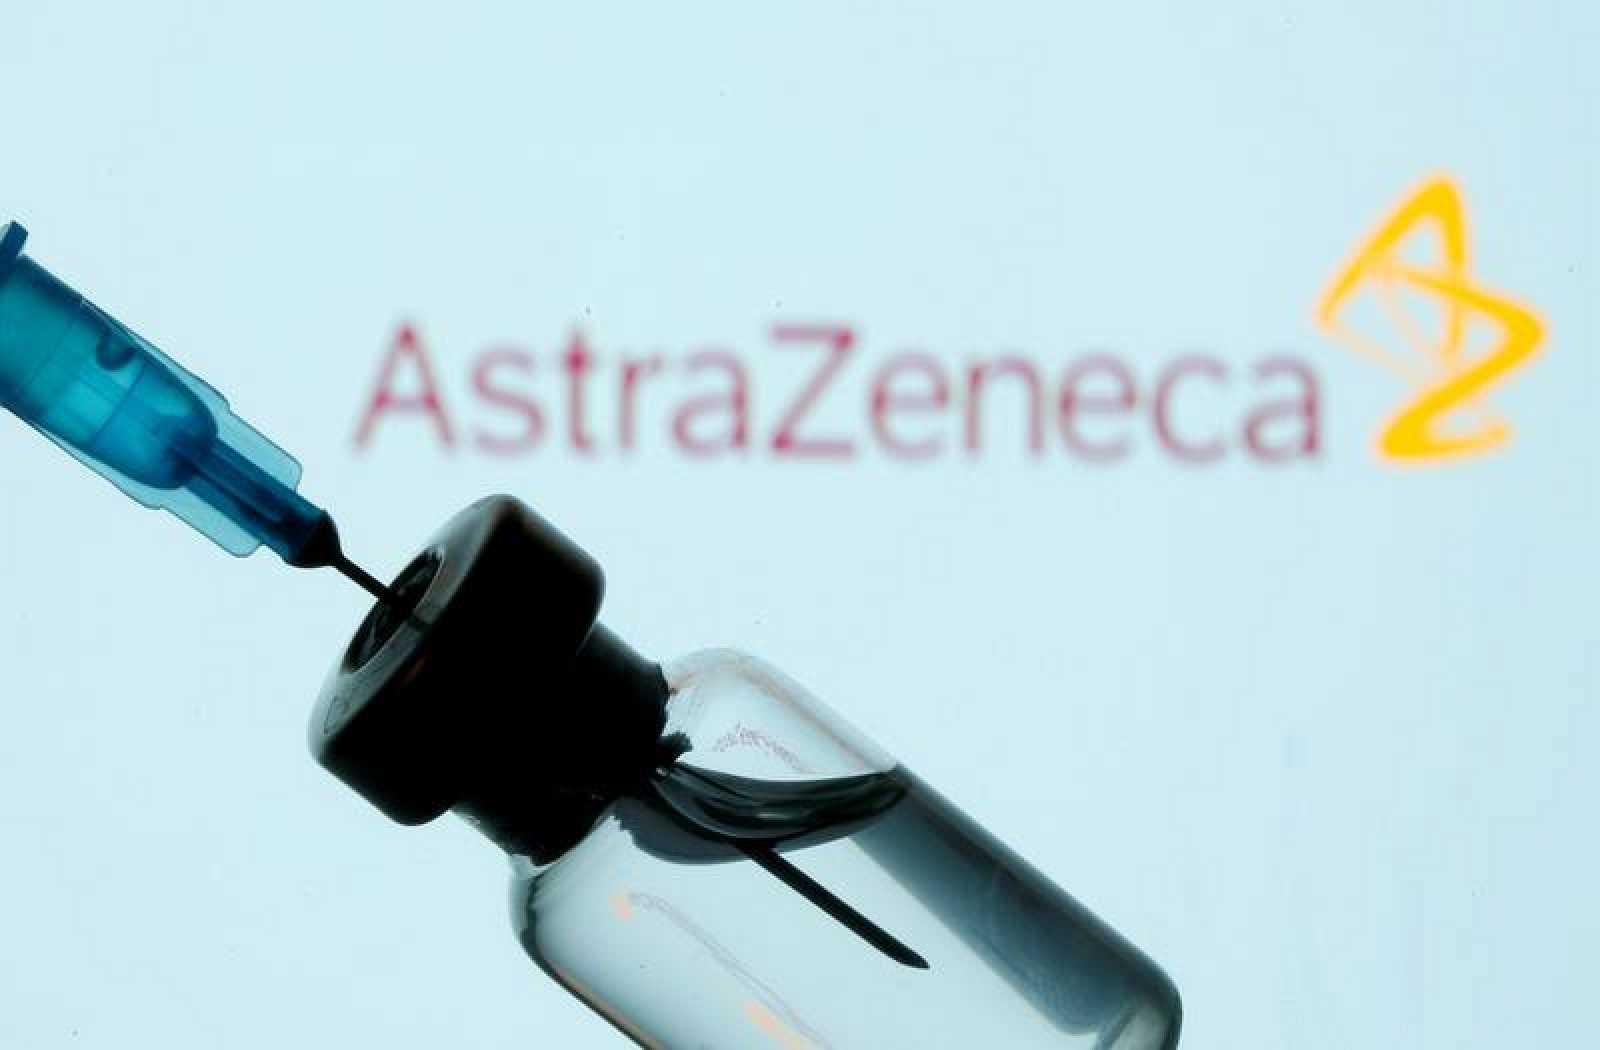 Un vial y una jeringuilla delante del logo de AstraZeneca